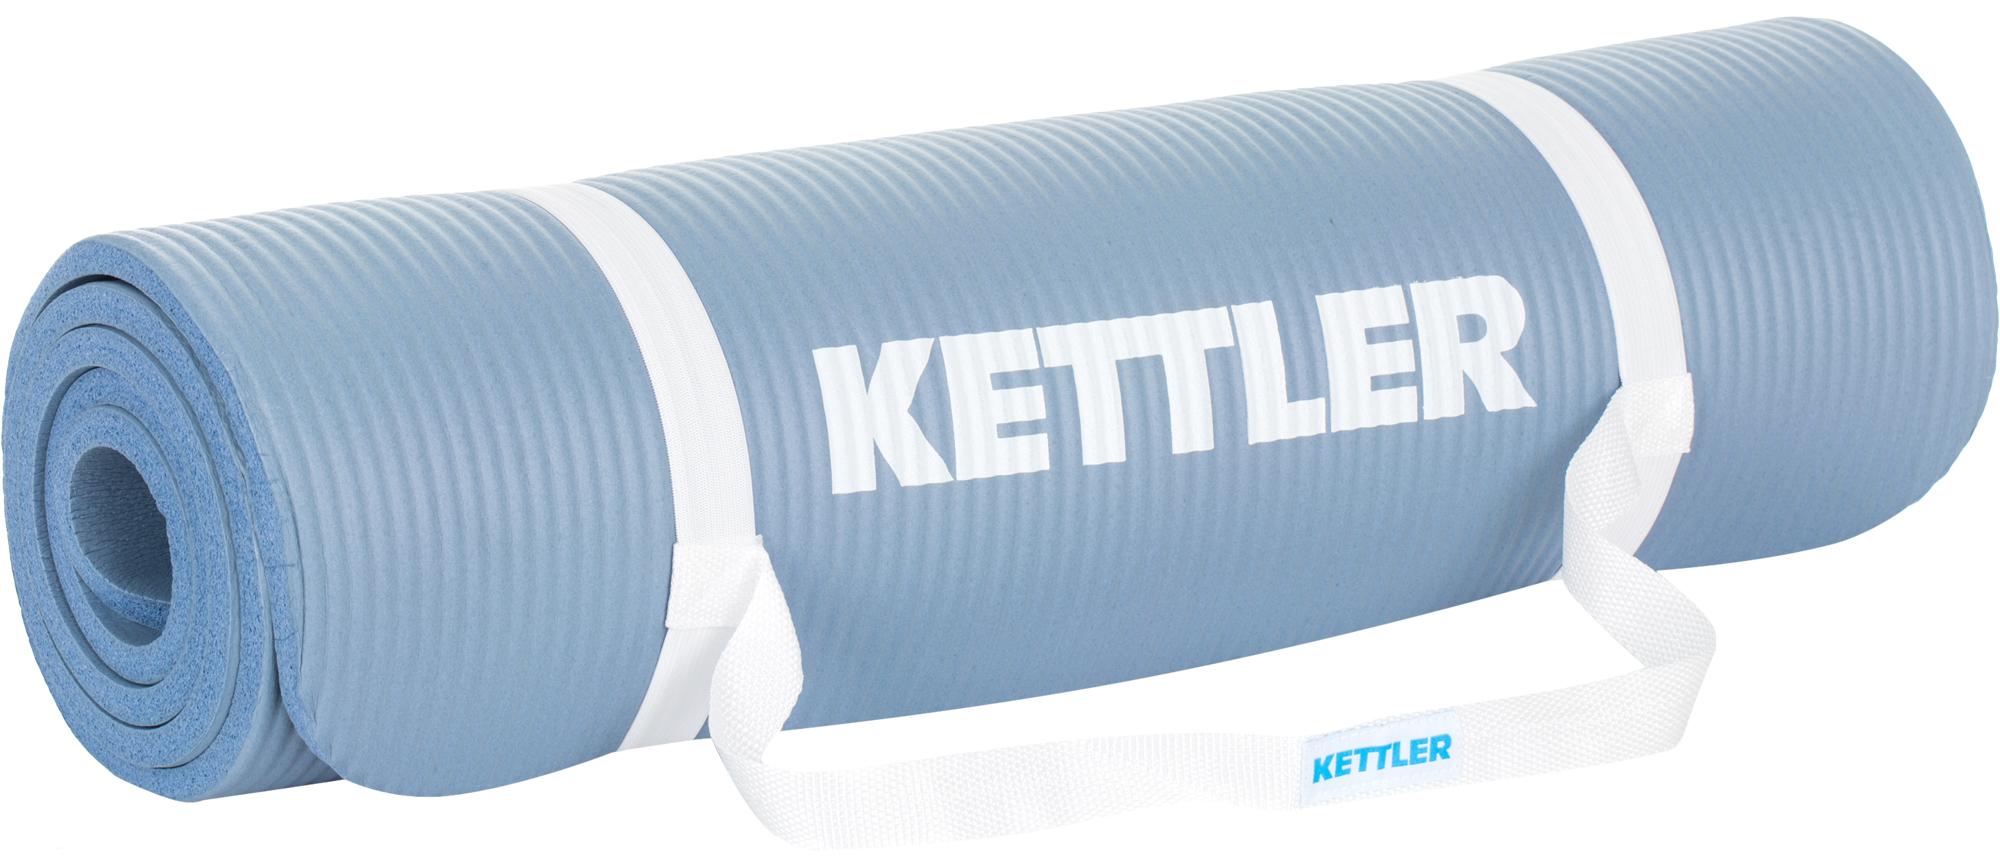 Kettler Коврик для фитнеса